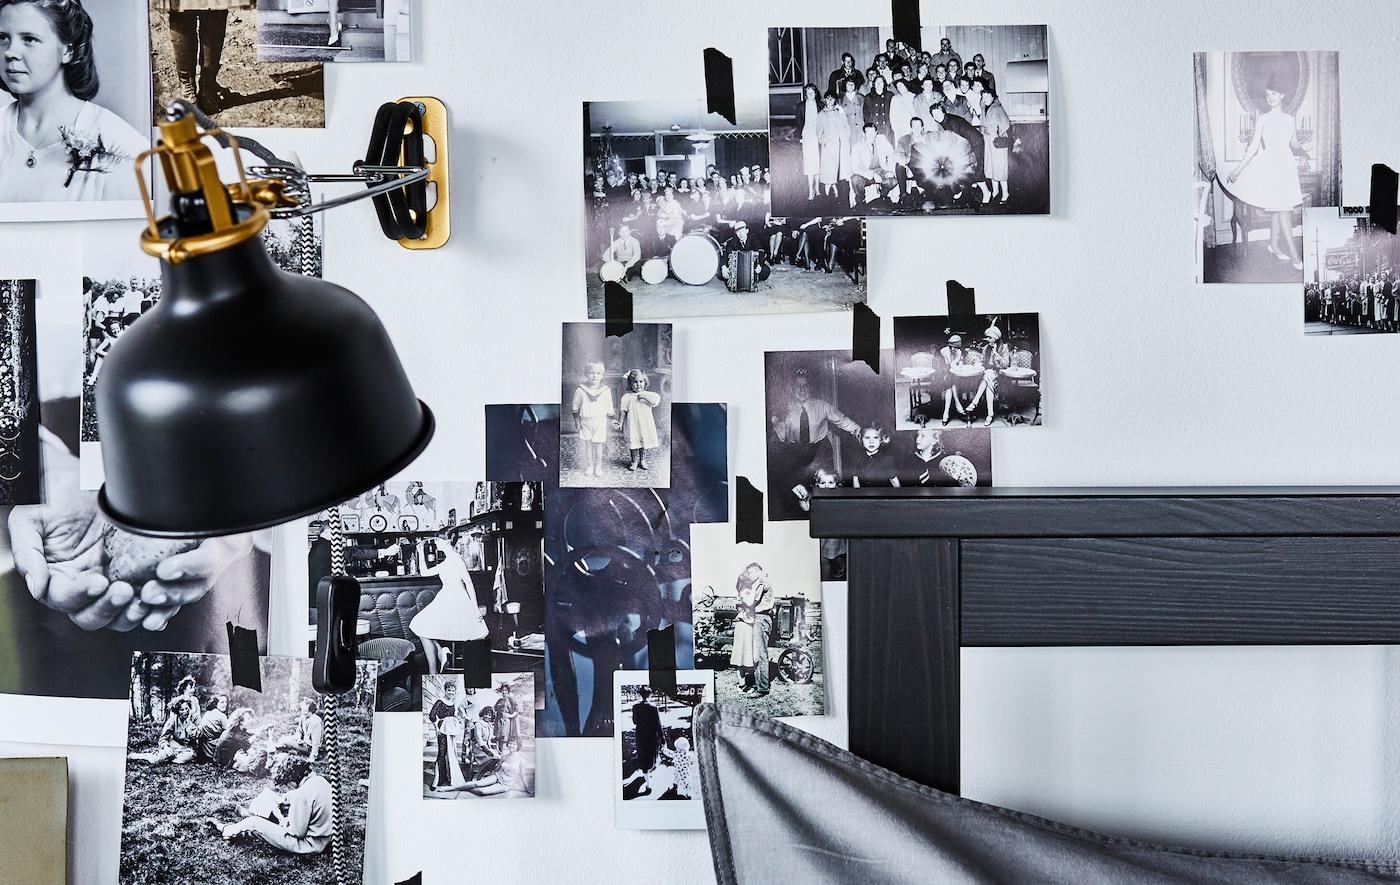 På jakt etter små tips til soverommet? Pimp opp senga med en fotocollage på veggen. Lys opp collagen med ei lampe – som RANARP vegg-/klemmespot i svart. Med det justerbare lampehodet kan du vinkle lyset akkurat dit du vil.